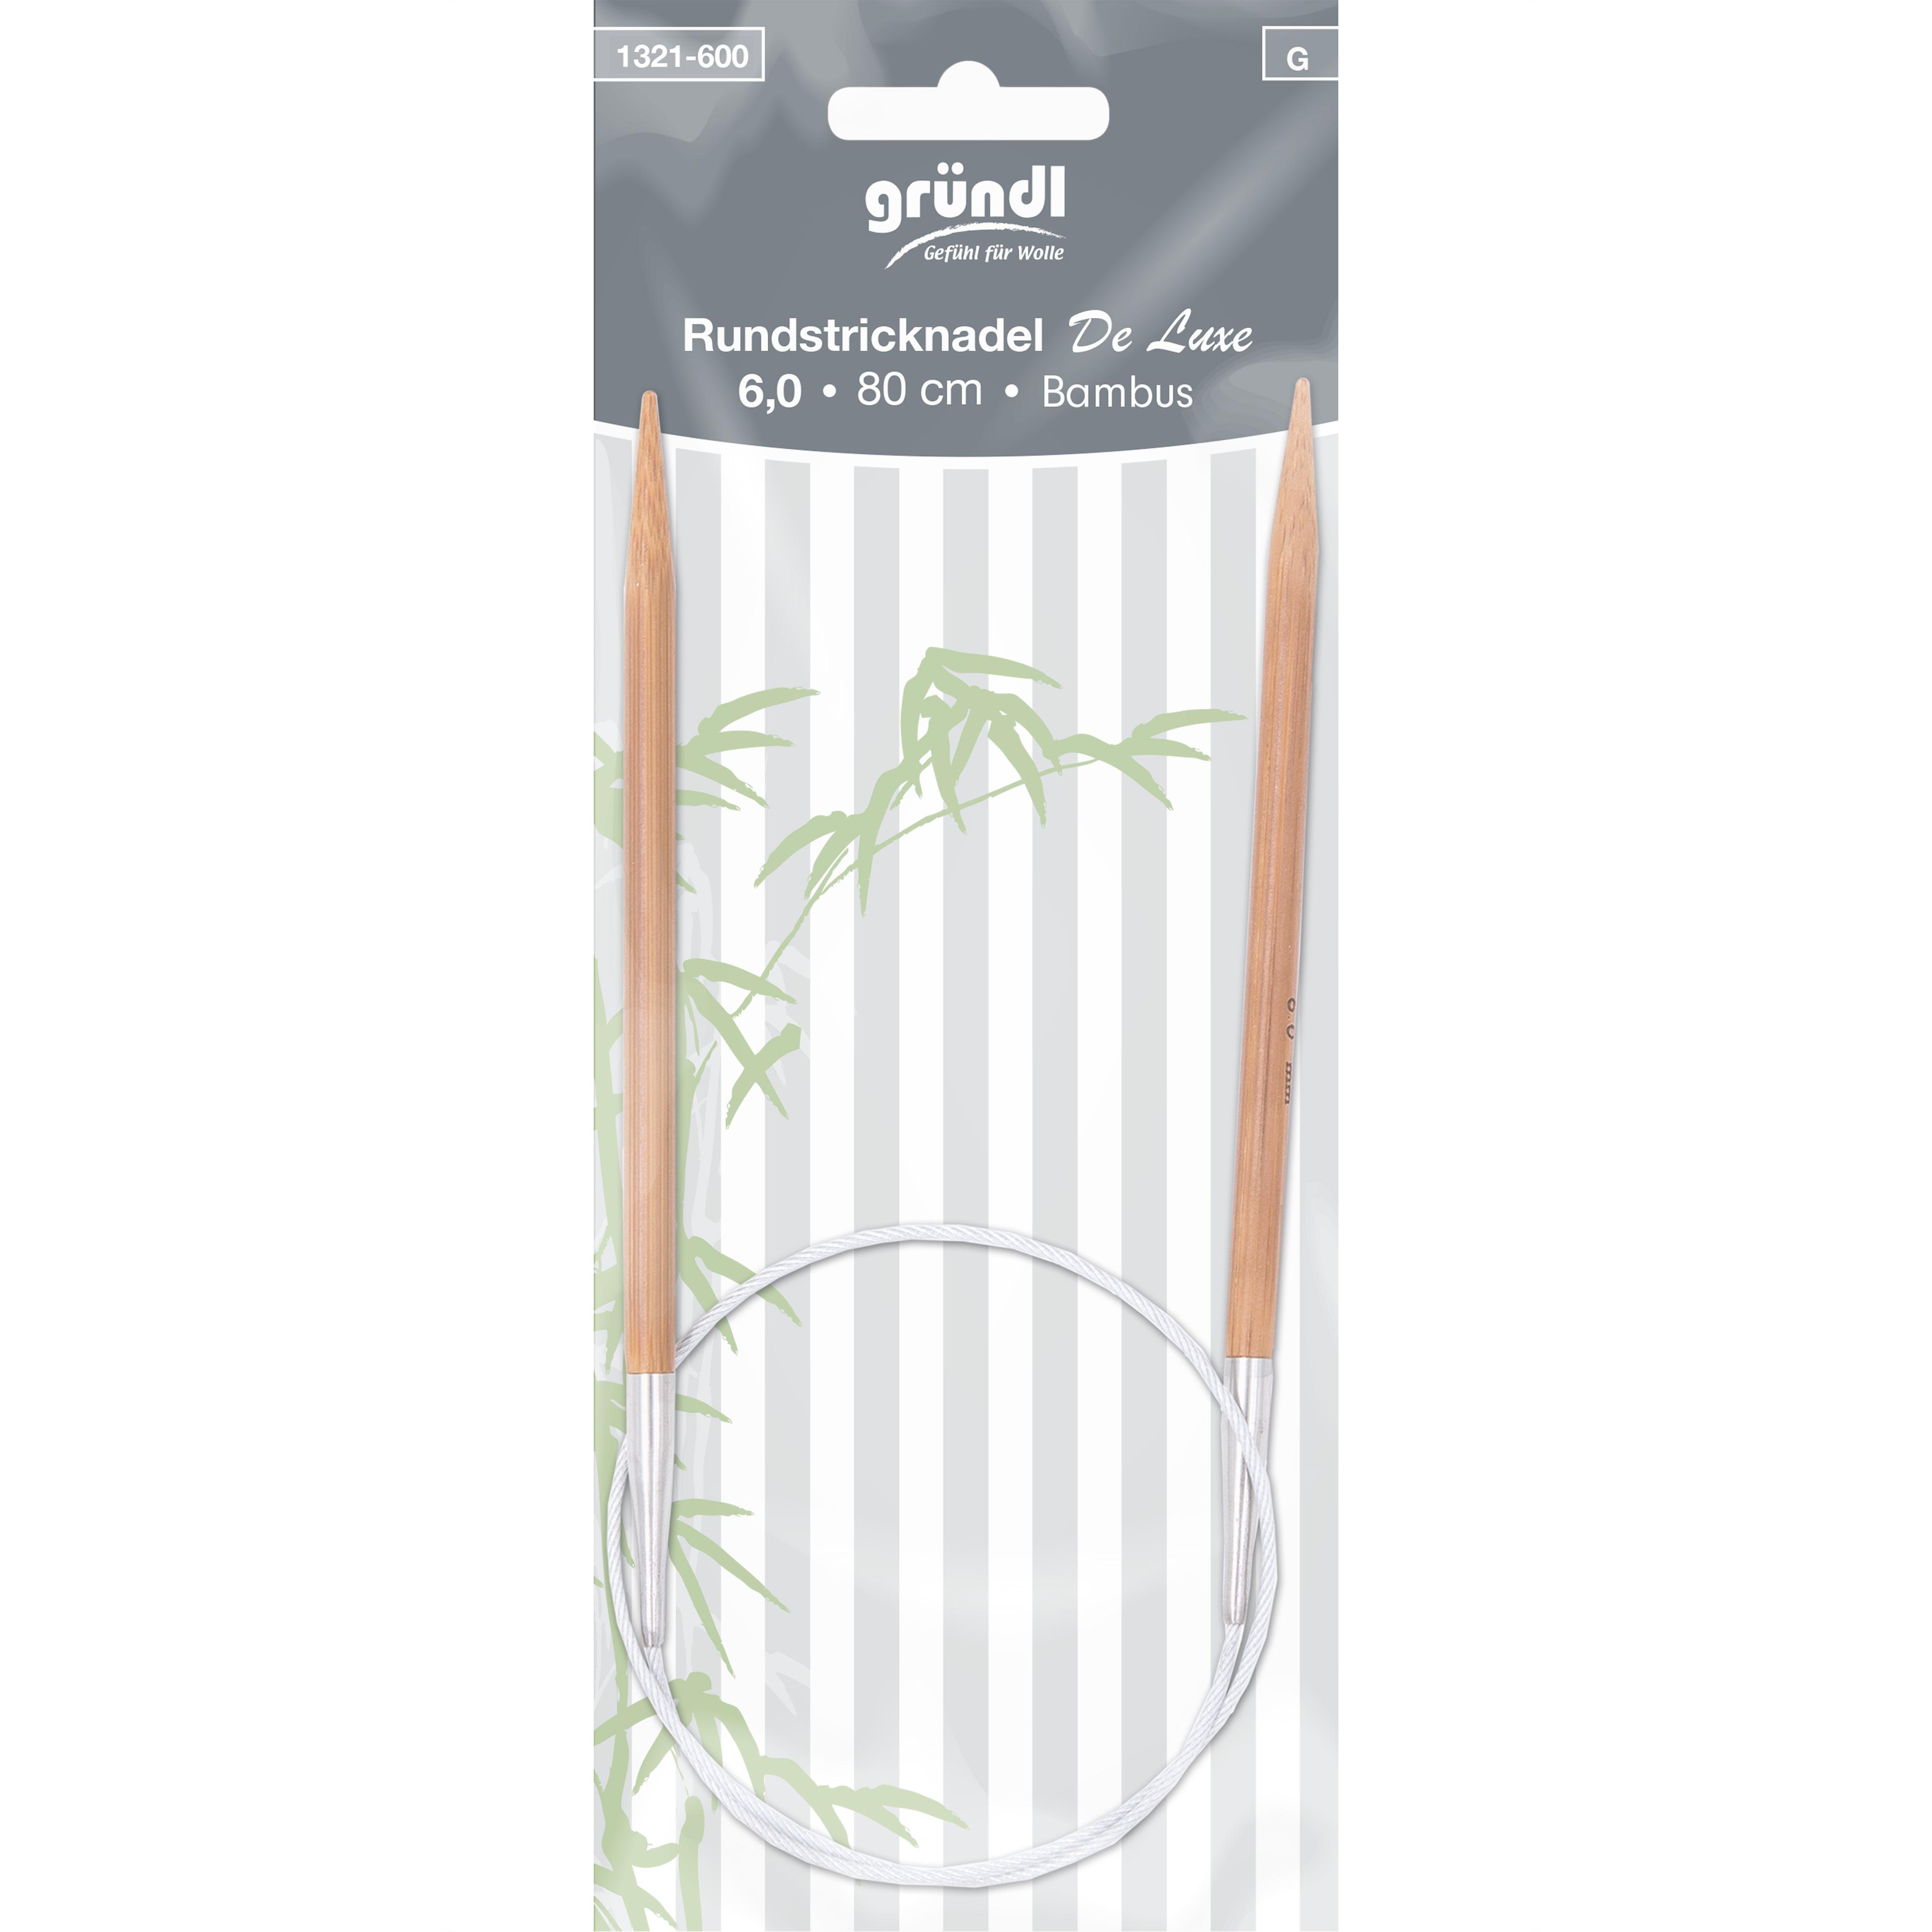 Rundstricknadel Bambus De Luxe, 80 cm